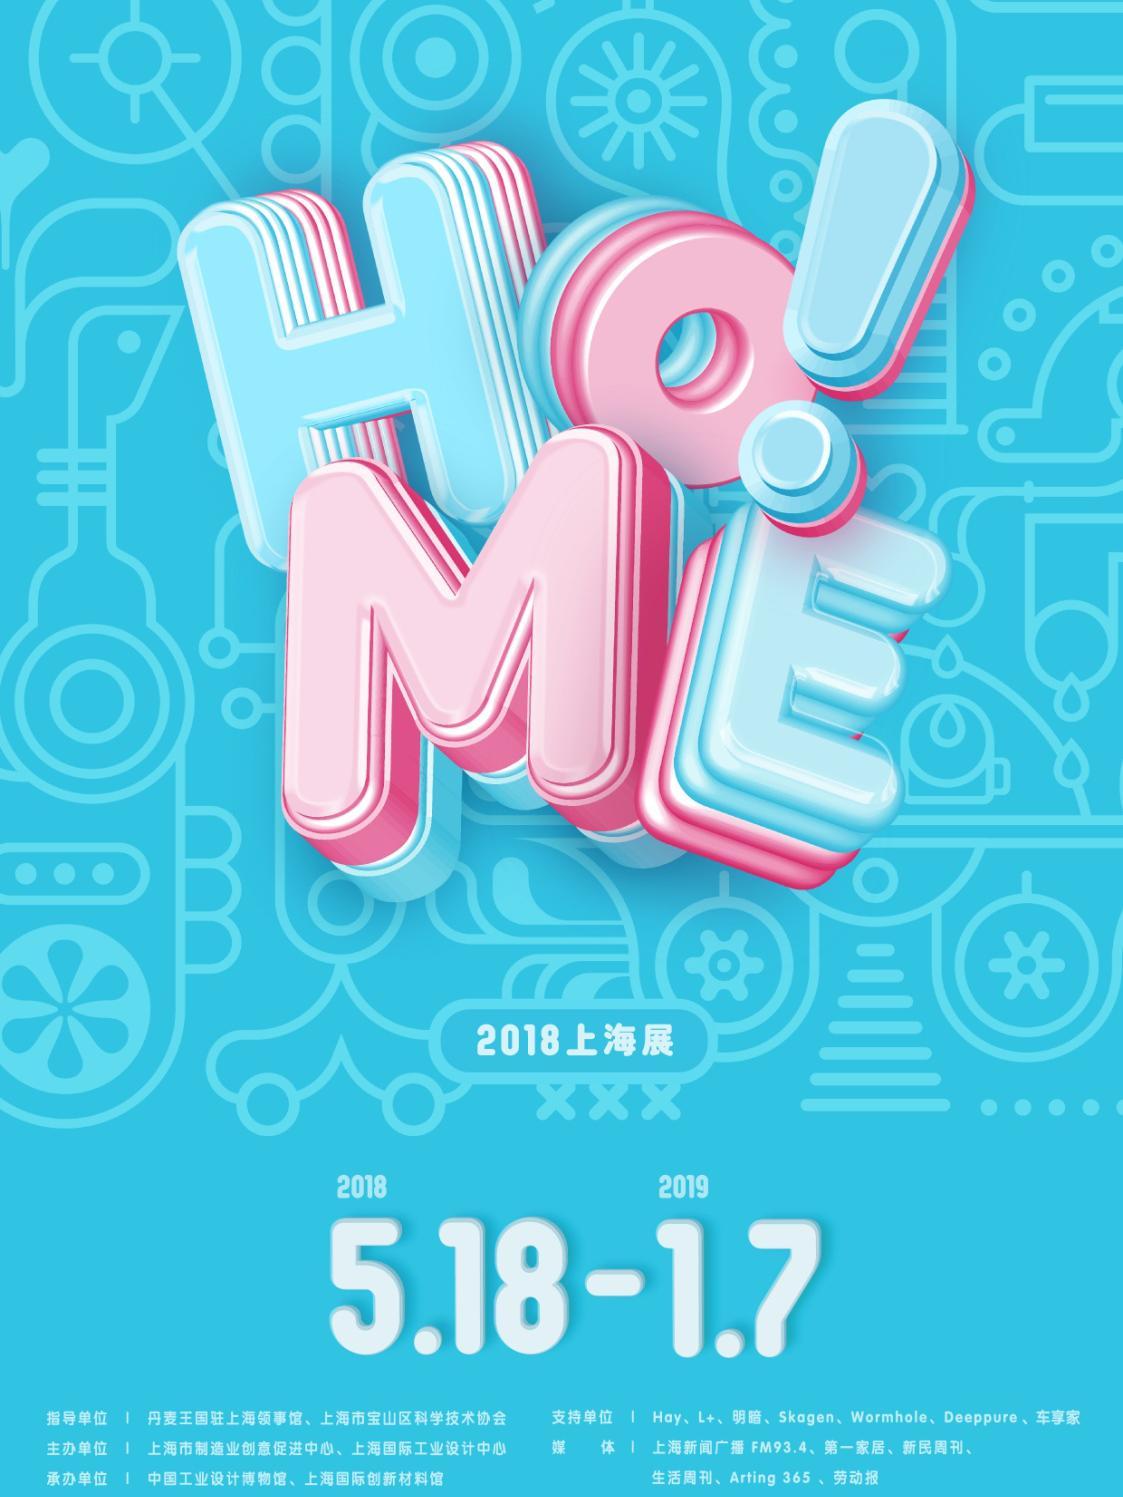 Ho!Me 2018上海展